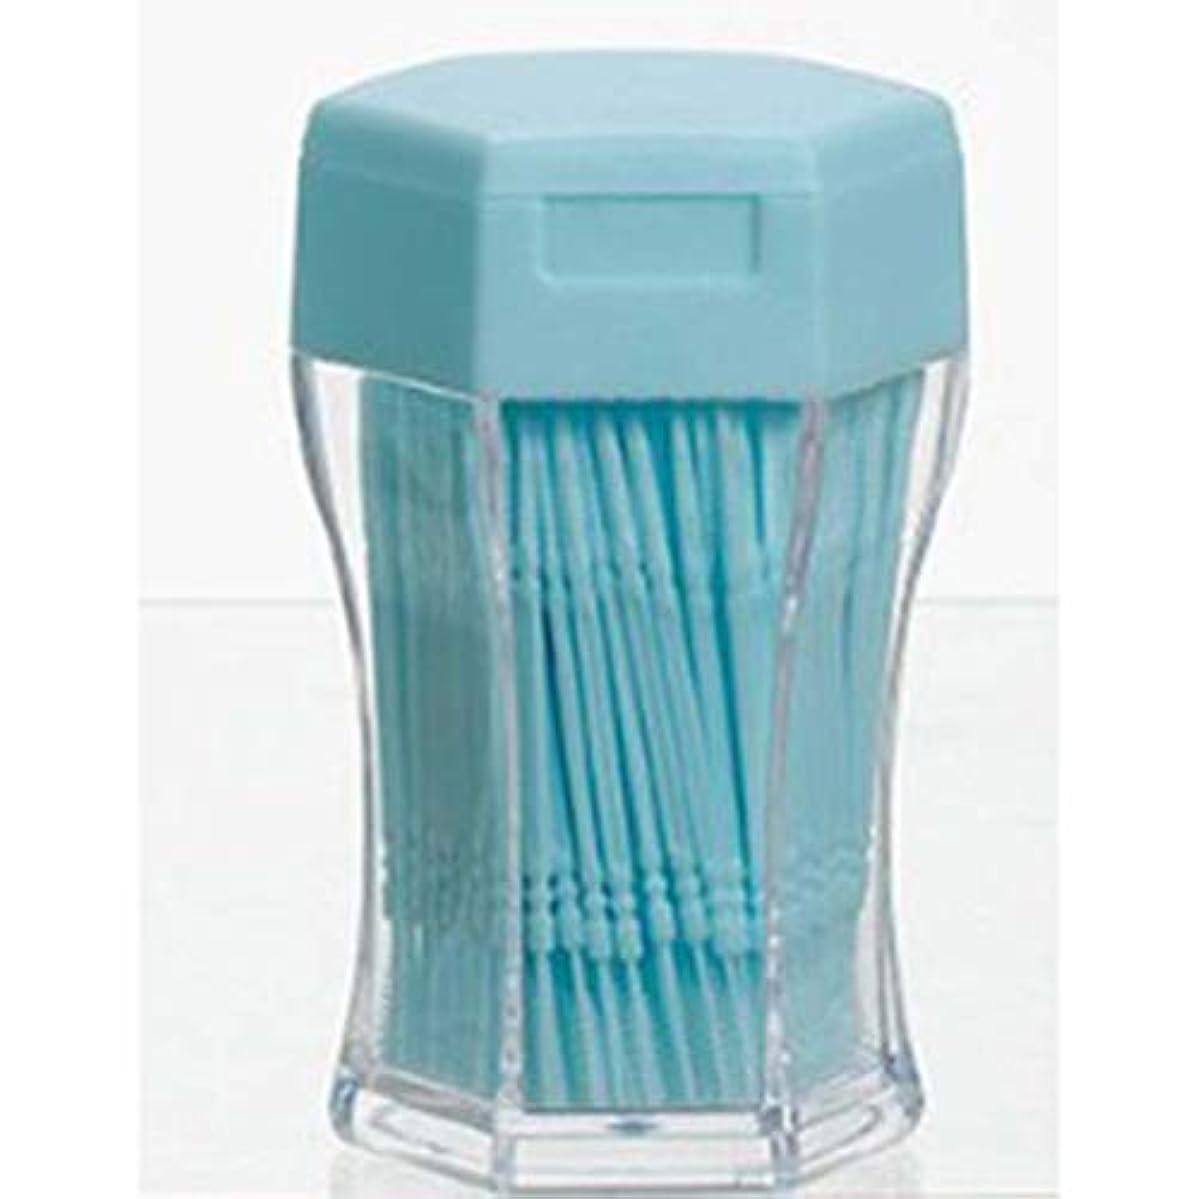 いたずら序文テント200ピース/セットダブルヘッド歯フロス衛生デンタルフロスプラスチック歯間つまようじ健康用歯のクリーニングオーラルケア - ブルー